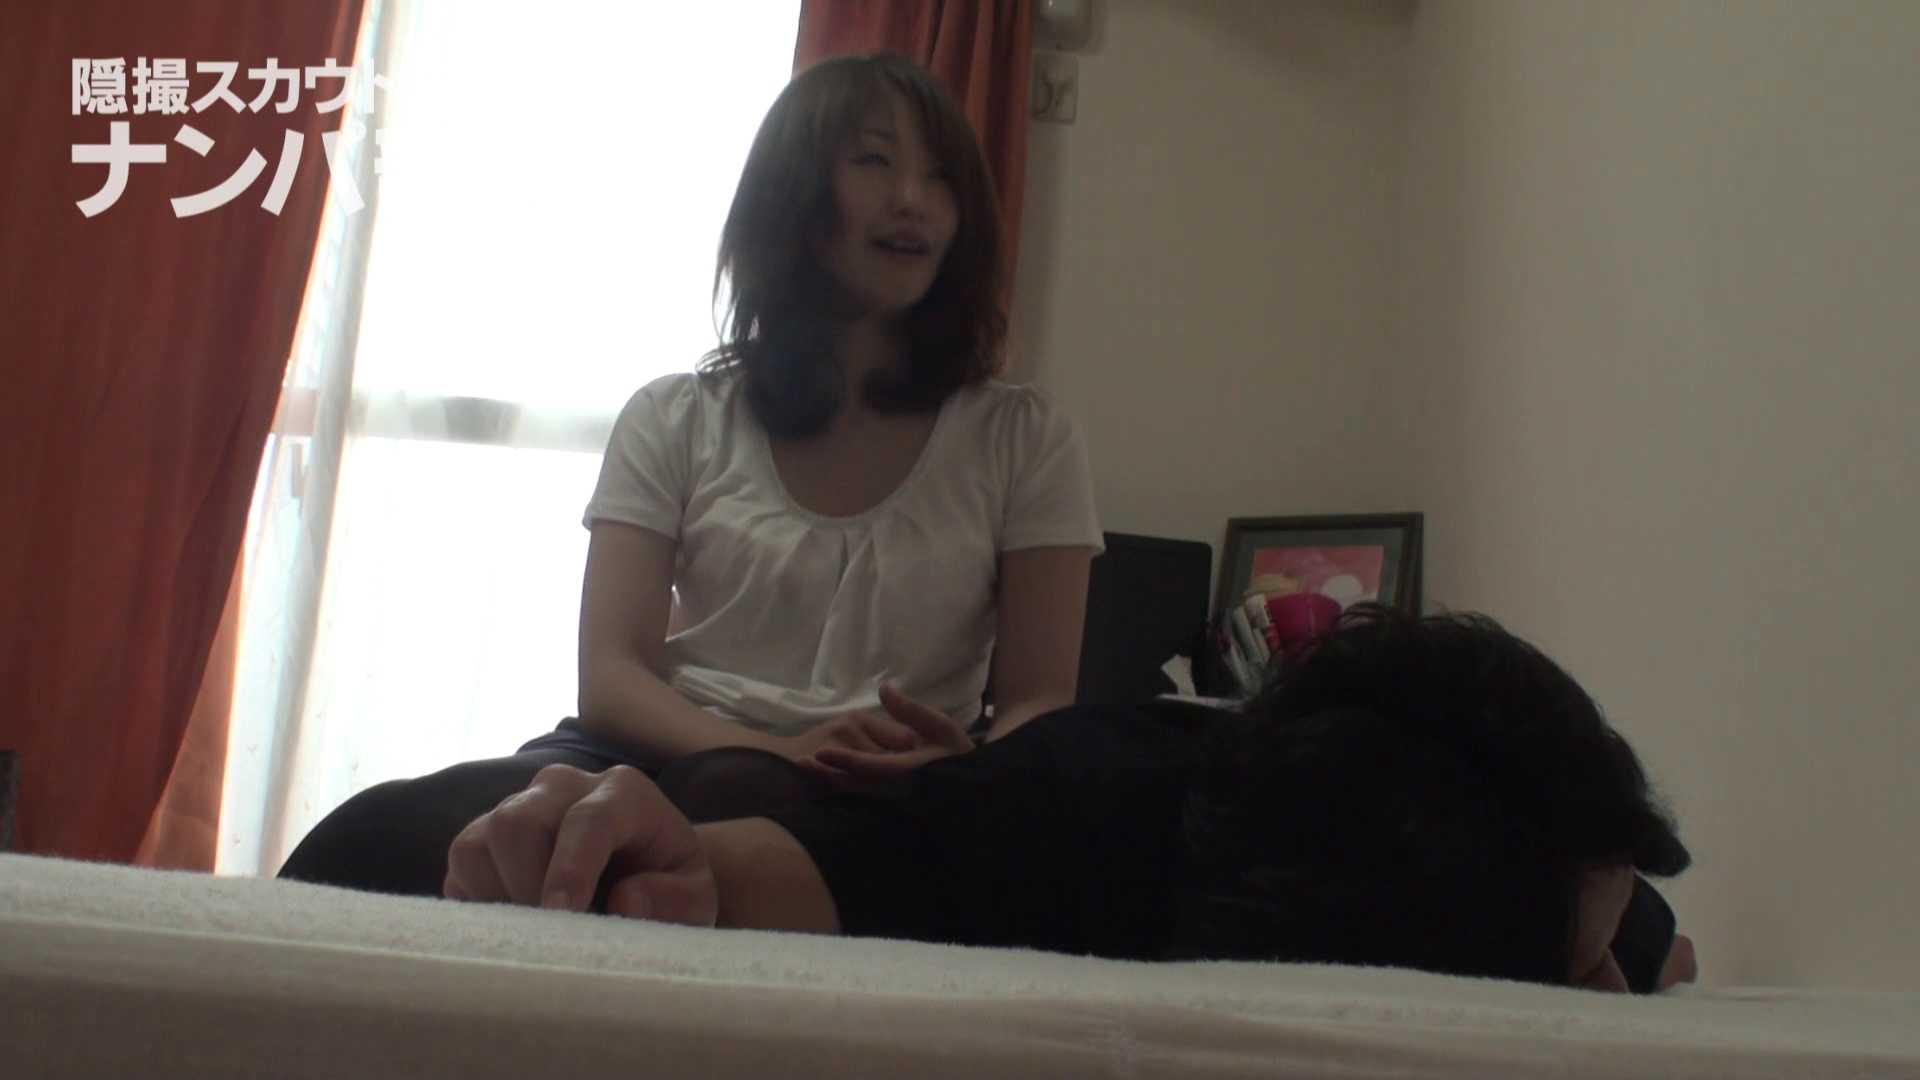 隠撮スカウトマンのナンパ部屋~風俗デビュー前のつまみ食い~ siivol.2 ナンパ  80pic 12